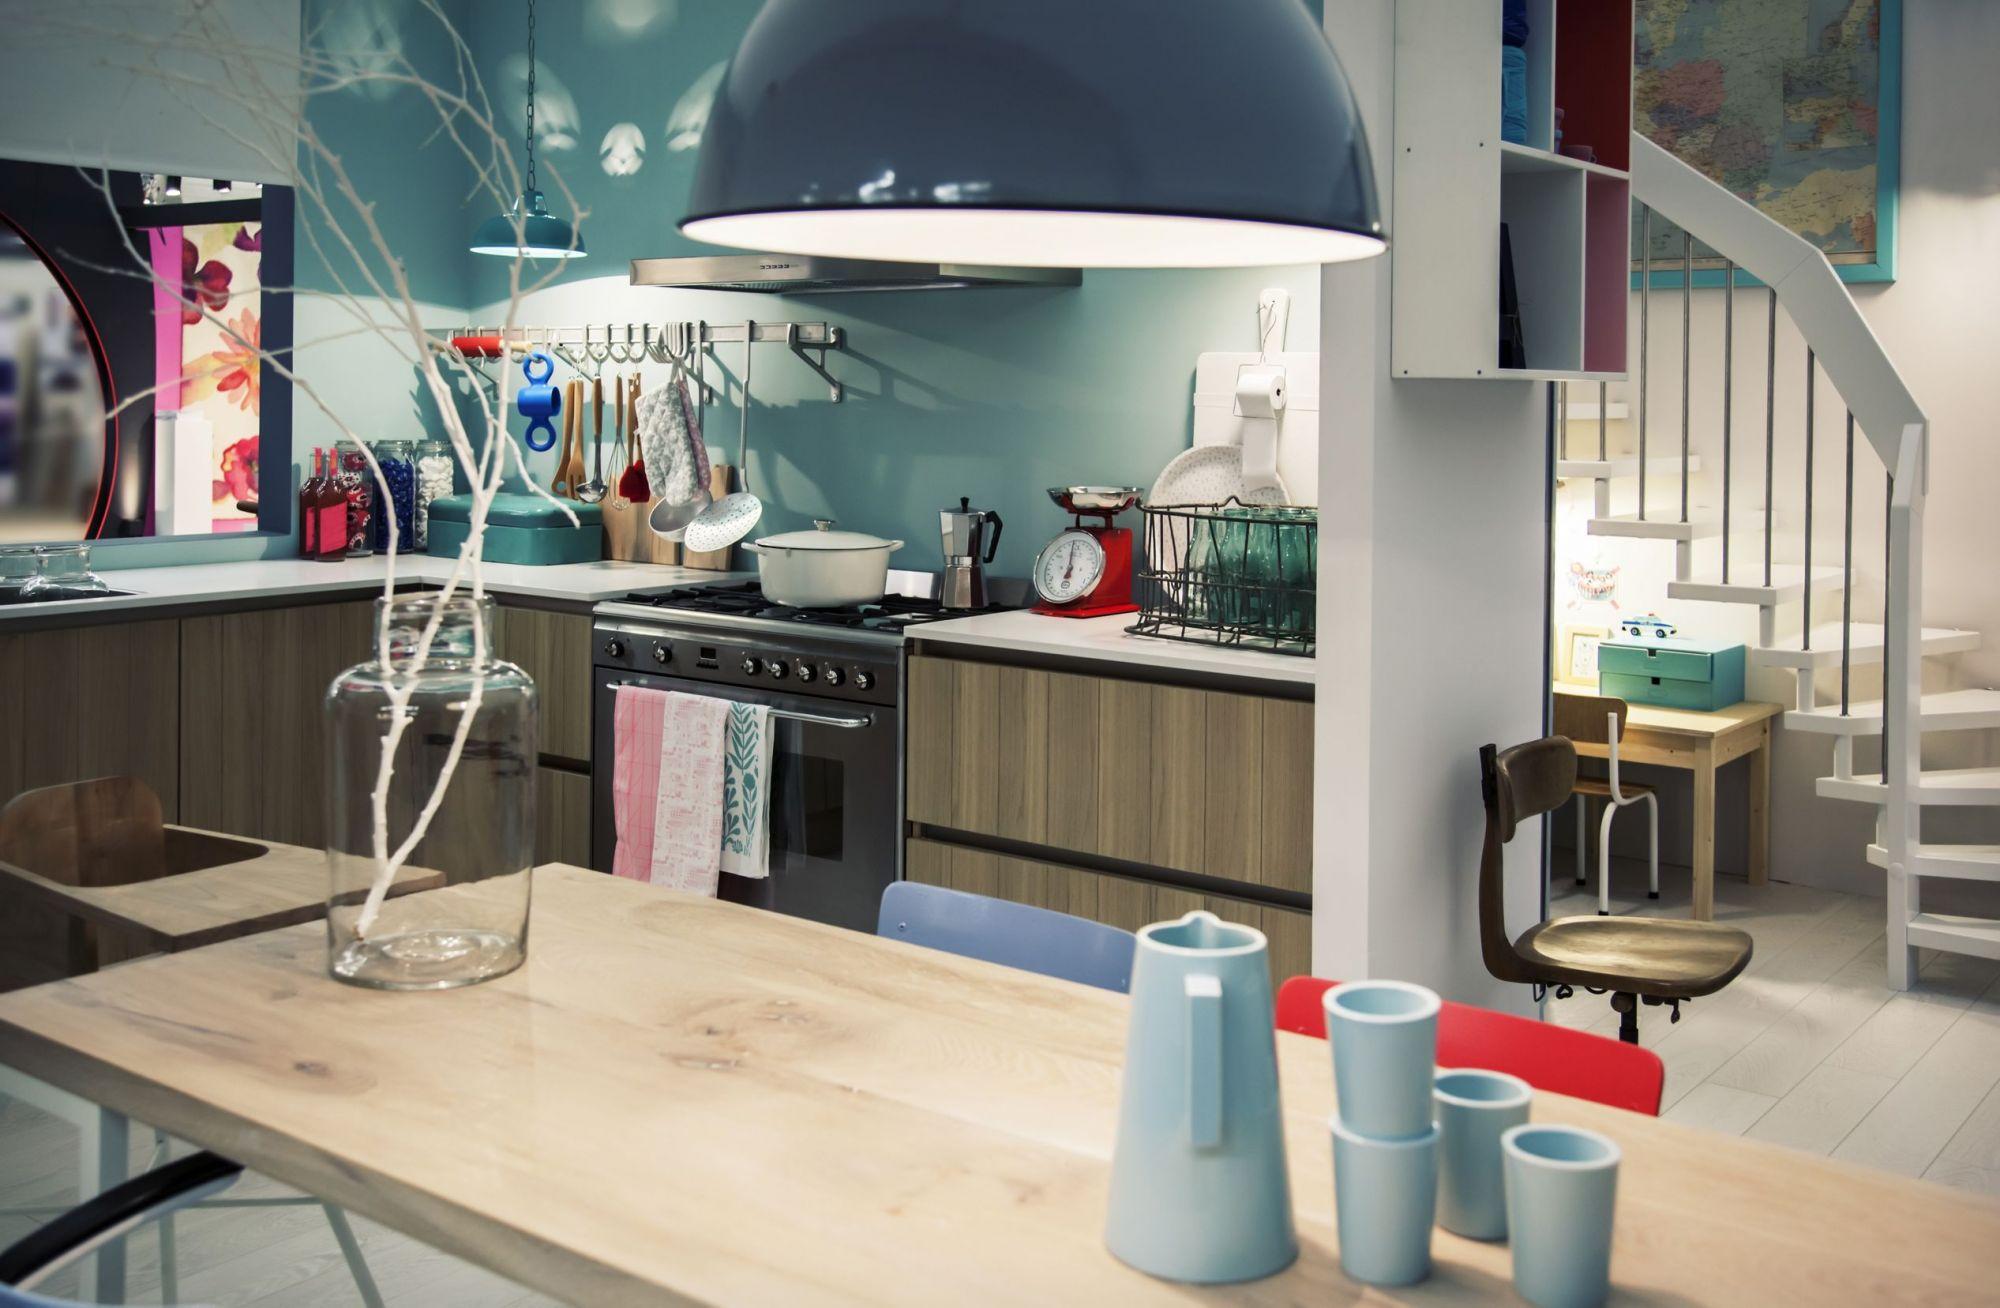 Come scegliere il corretto piano cottura in cucina